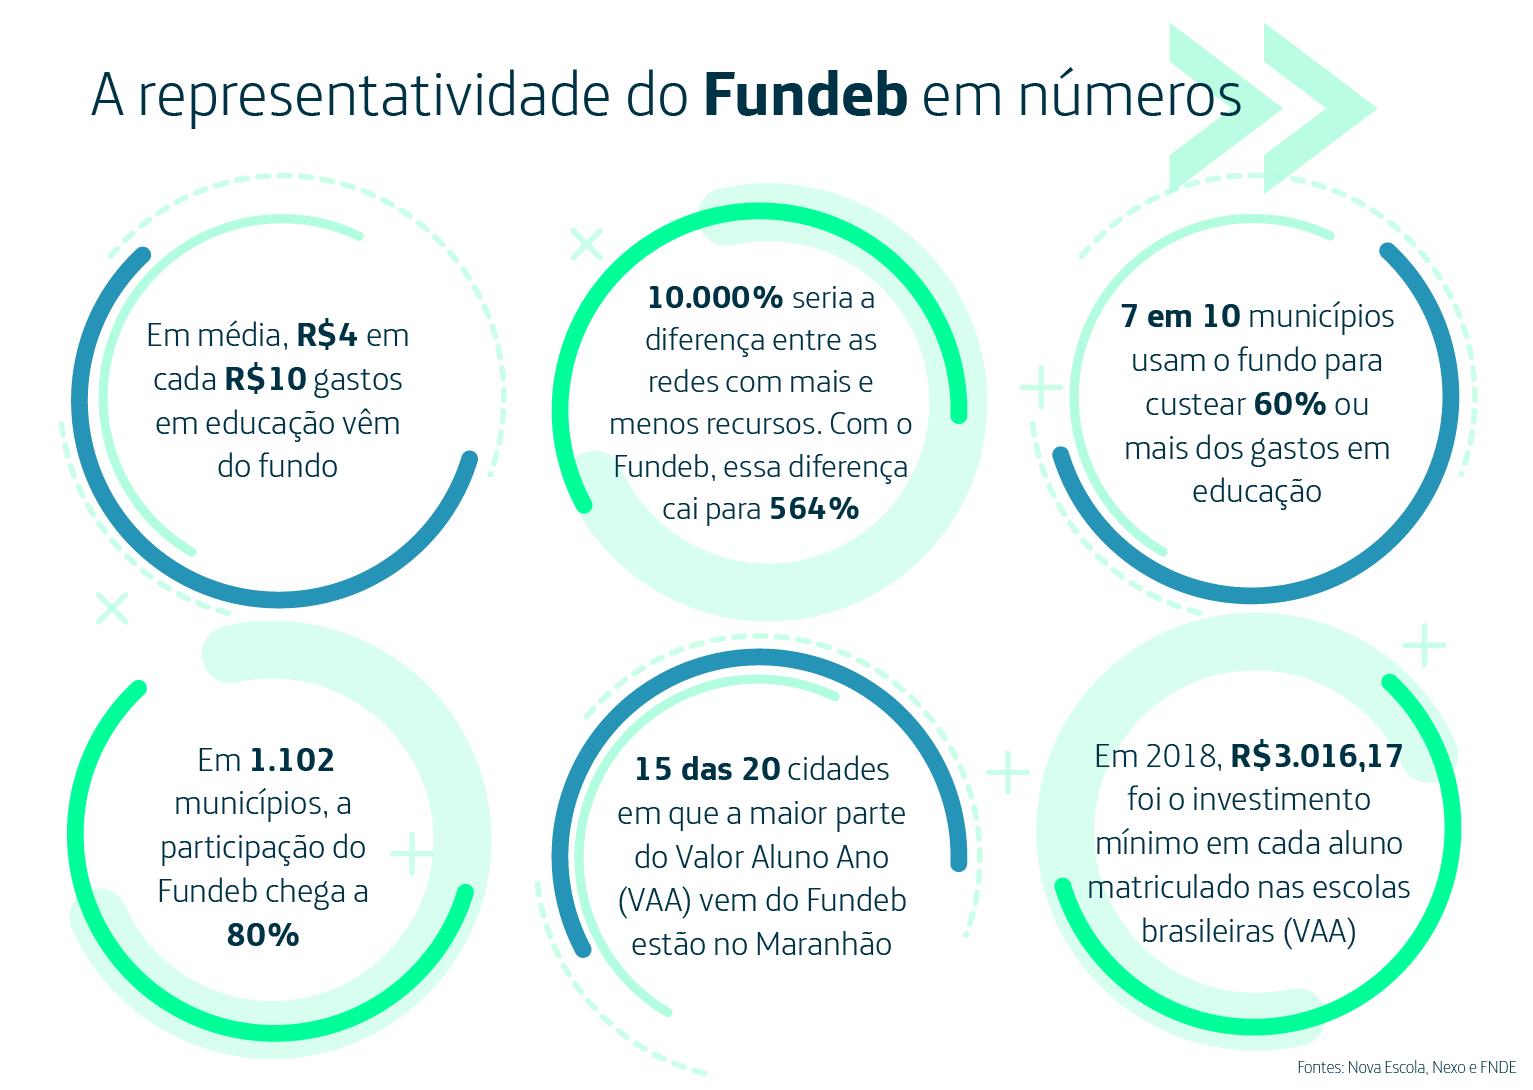 Infográfico mostra números sobre representatividade do Fundeb